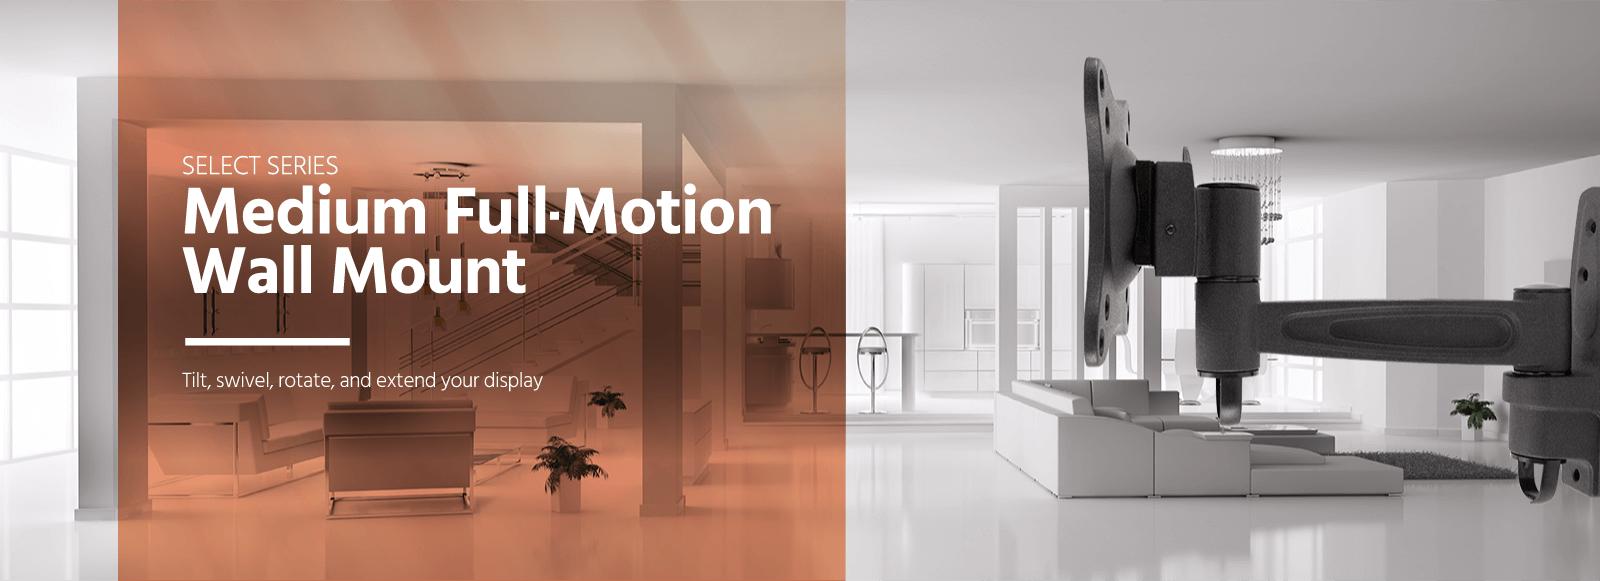 Medium Full-Motion Wall Mount